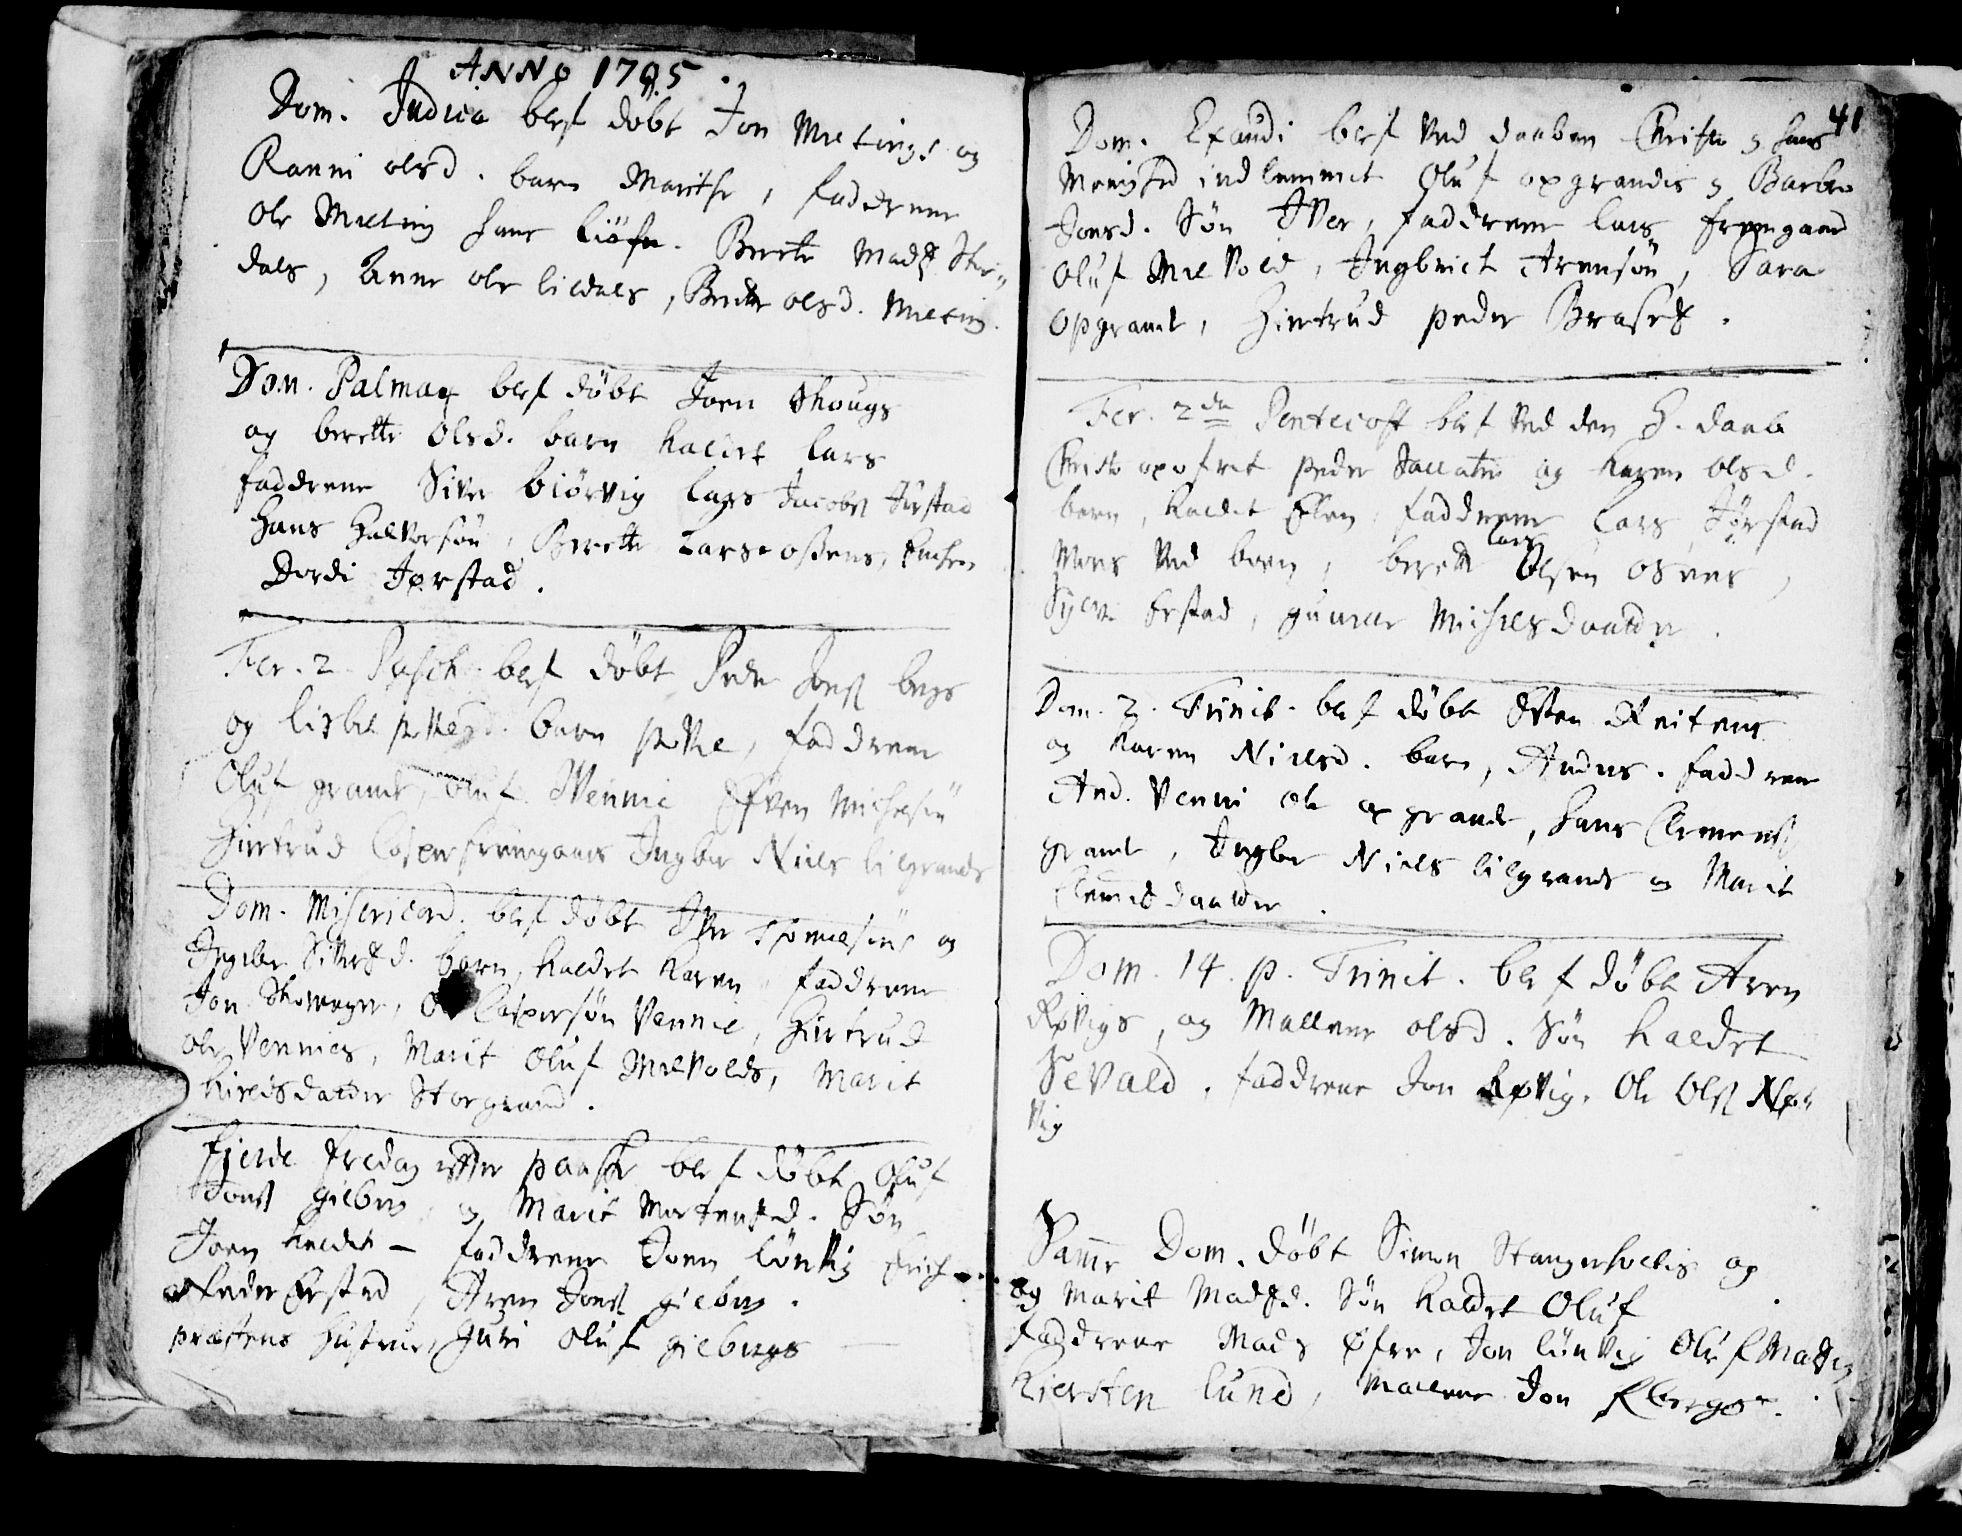 SAT, Ministerialprotokoller, klokkerbøker og fødselsregistre - Nord-Trøndelag, 722/L0214: Ministerialbok nr. 722A01, 1692-1718, s. 41